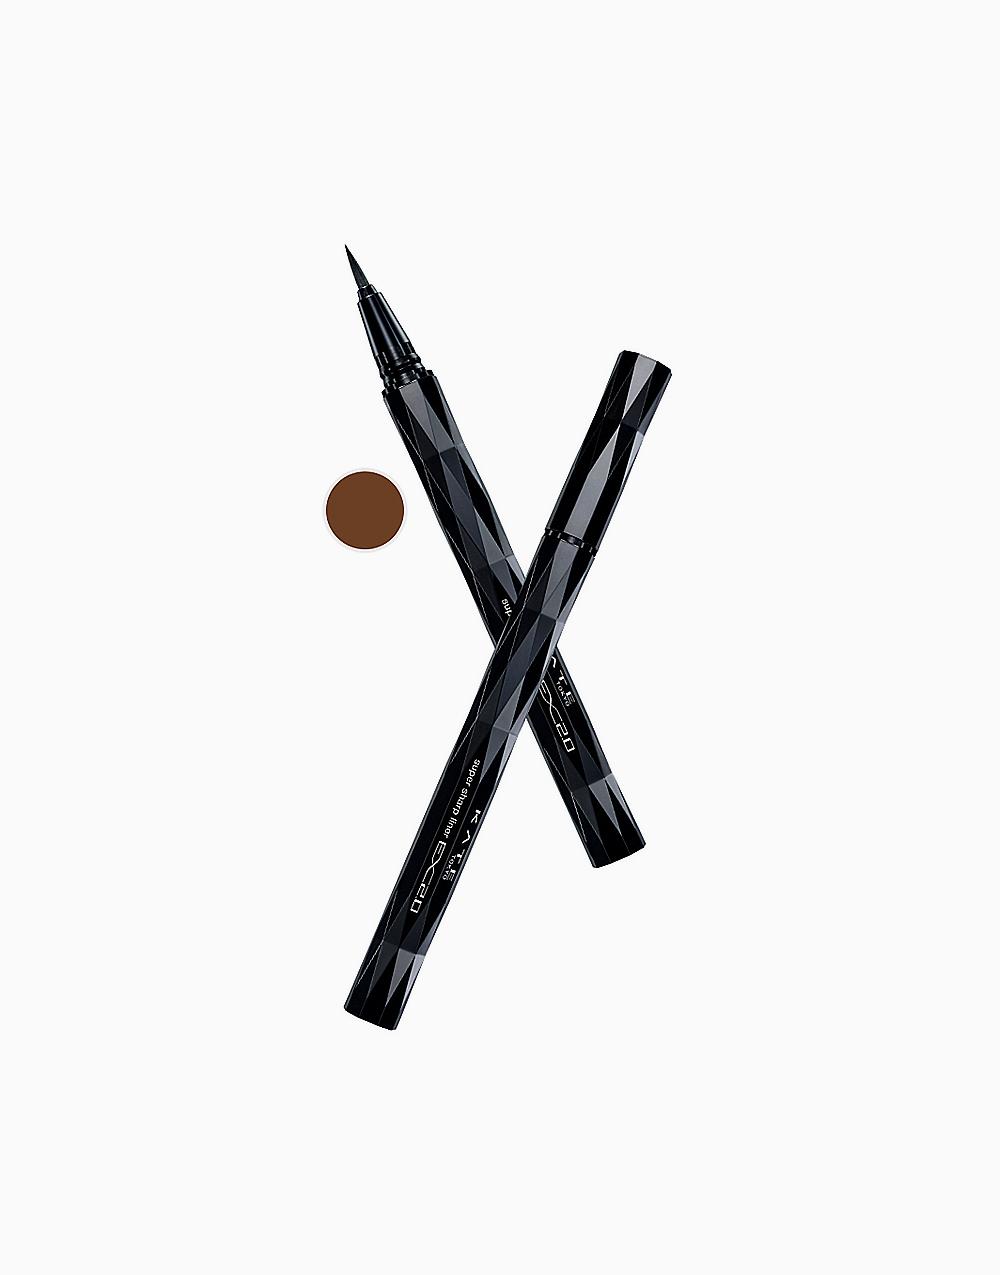 Supersharp Liner EX 2.0 by Kate Tokyo   BR2